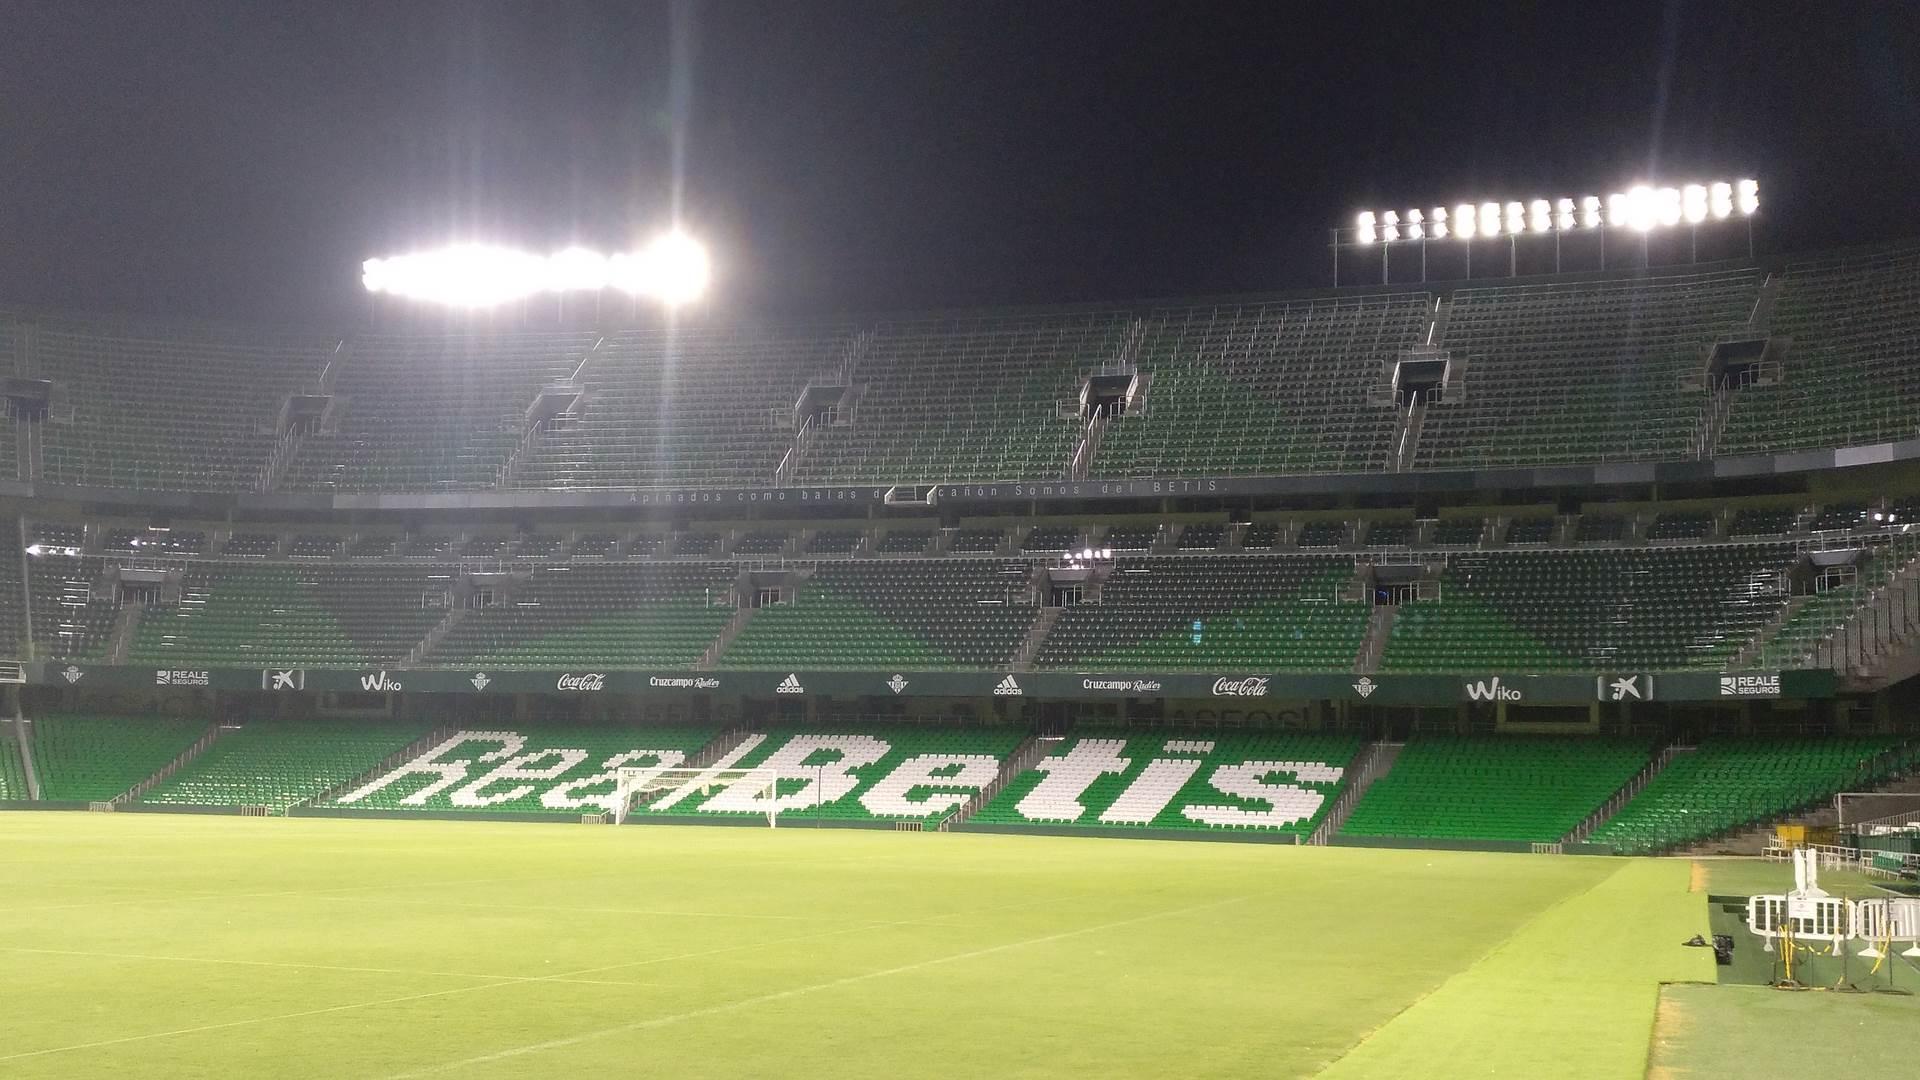 Estadio Benito Villamarín (Real Betis Balompié), Sevilla